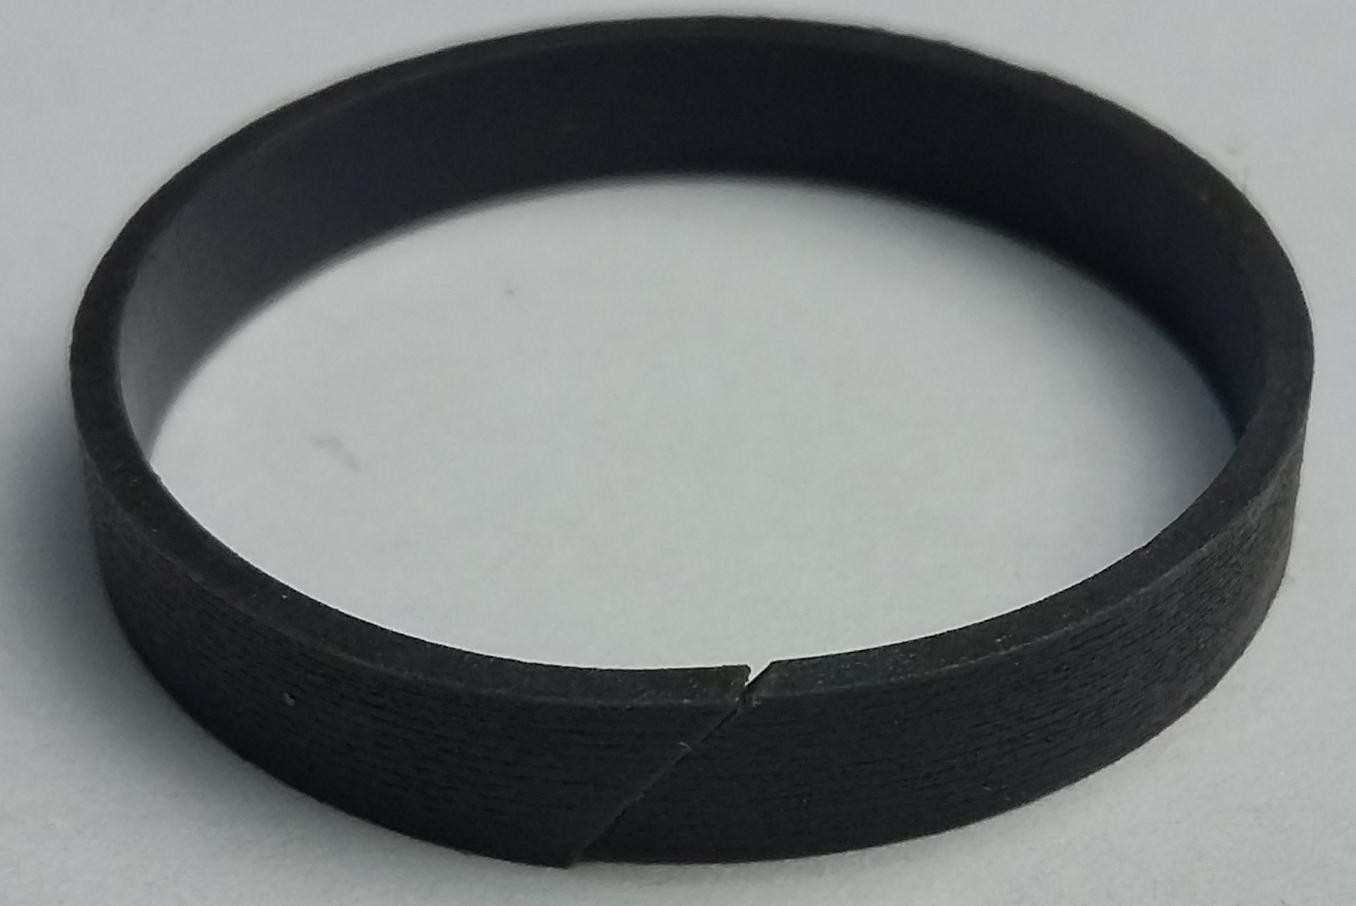 anel de teflon (B19, Crosman, GAMO)